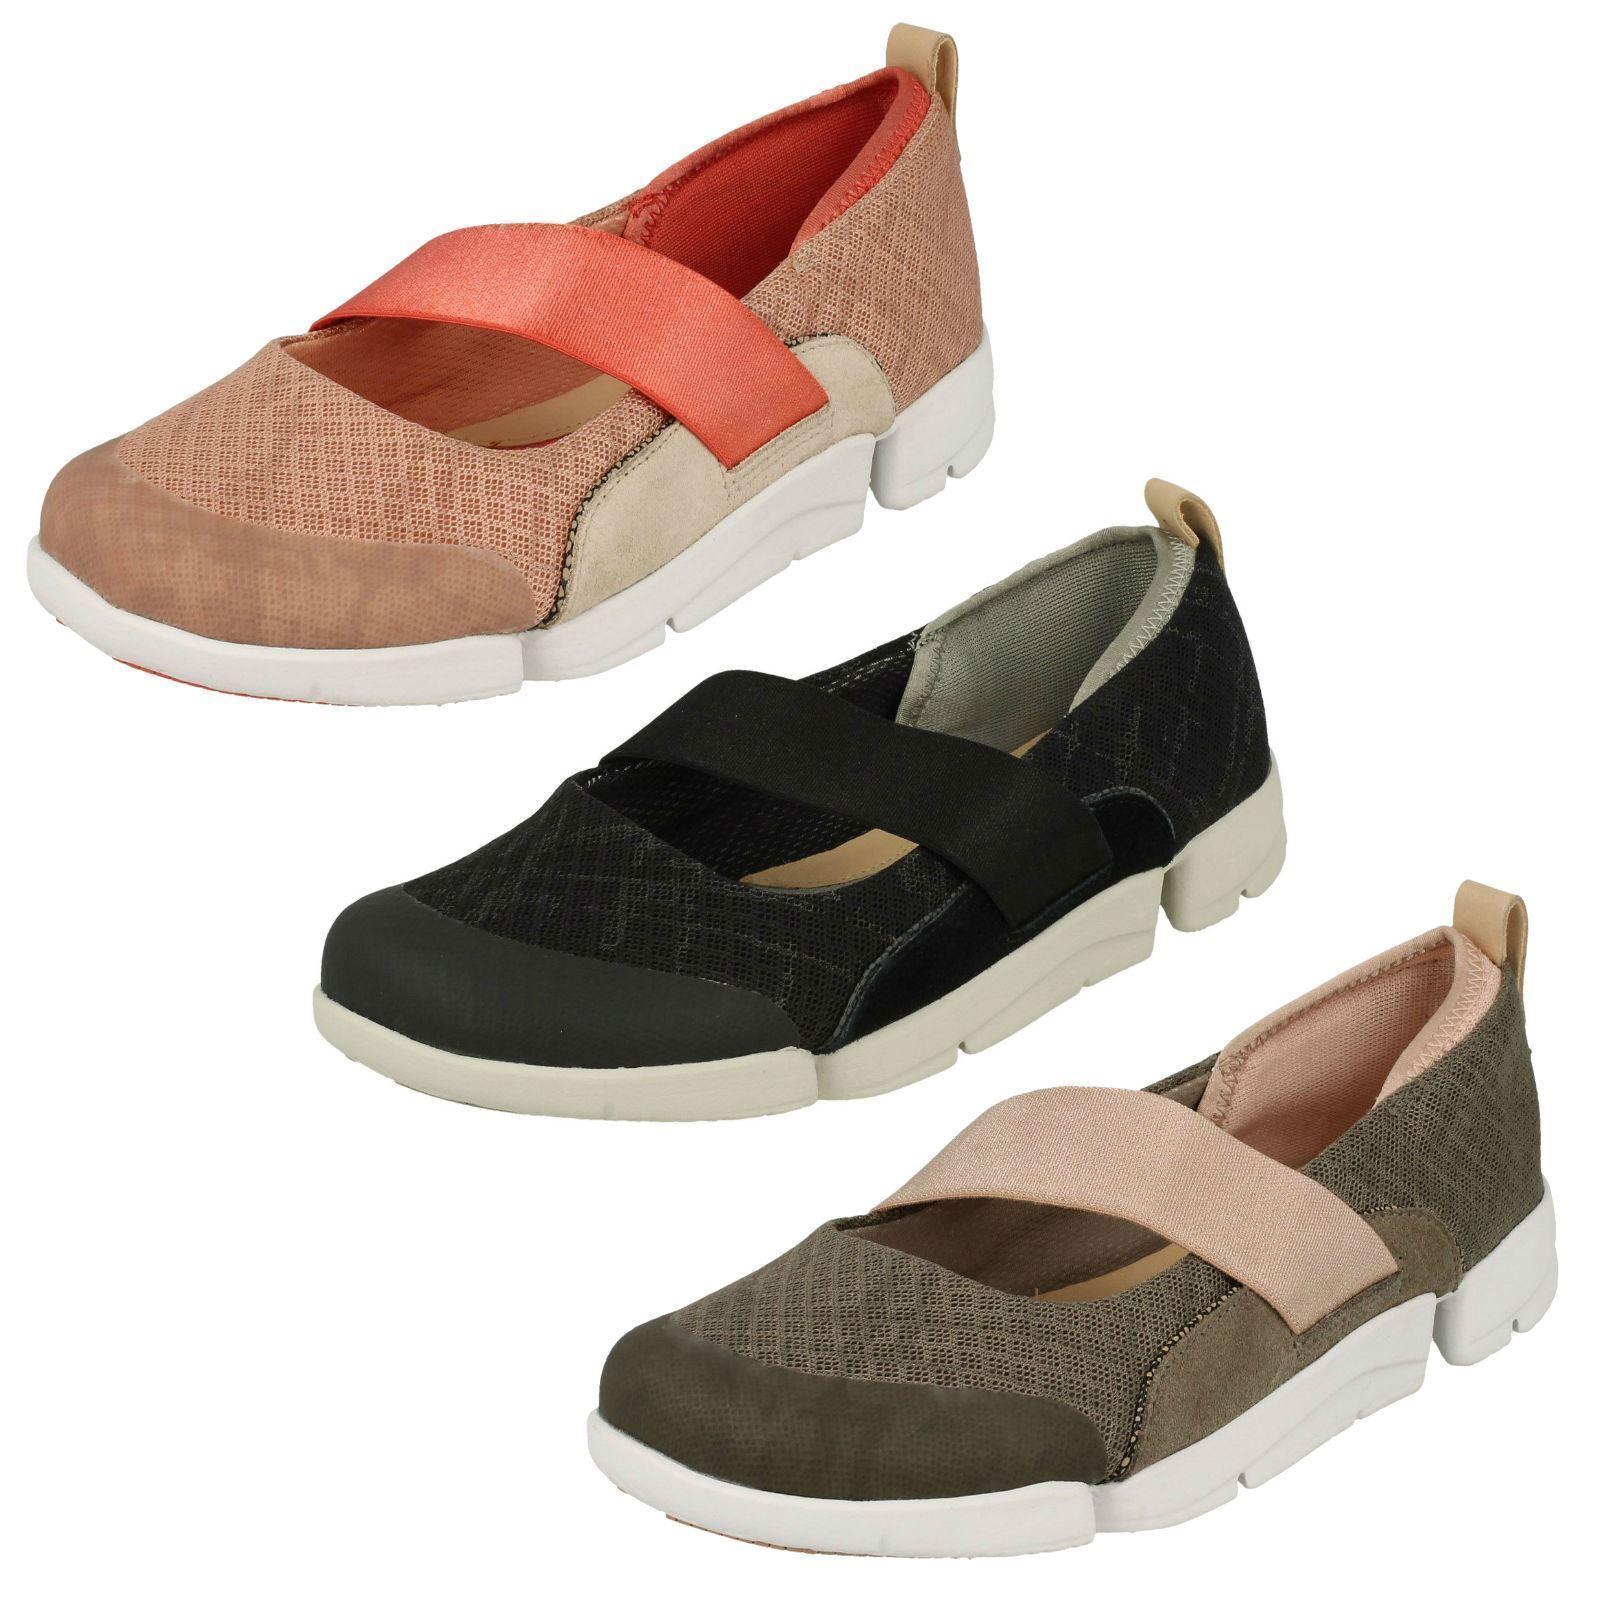 Soldes femmes Trois Allie Sportive chaussures Plates à Enfiler D Compatible par